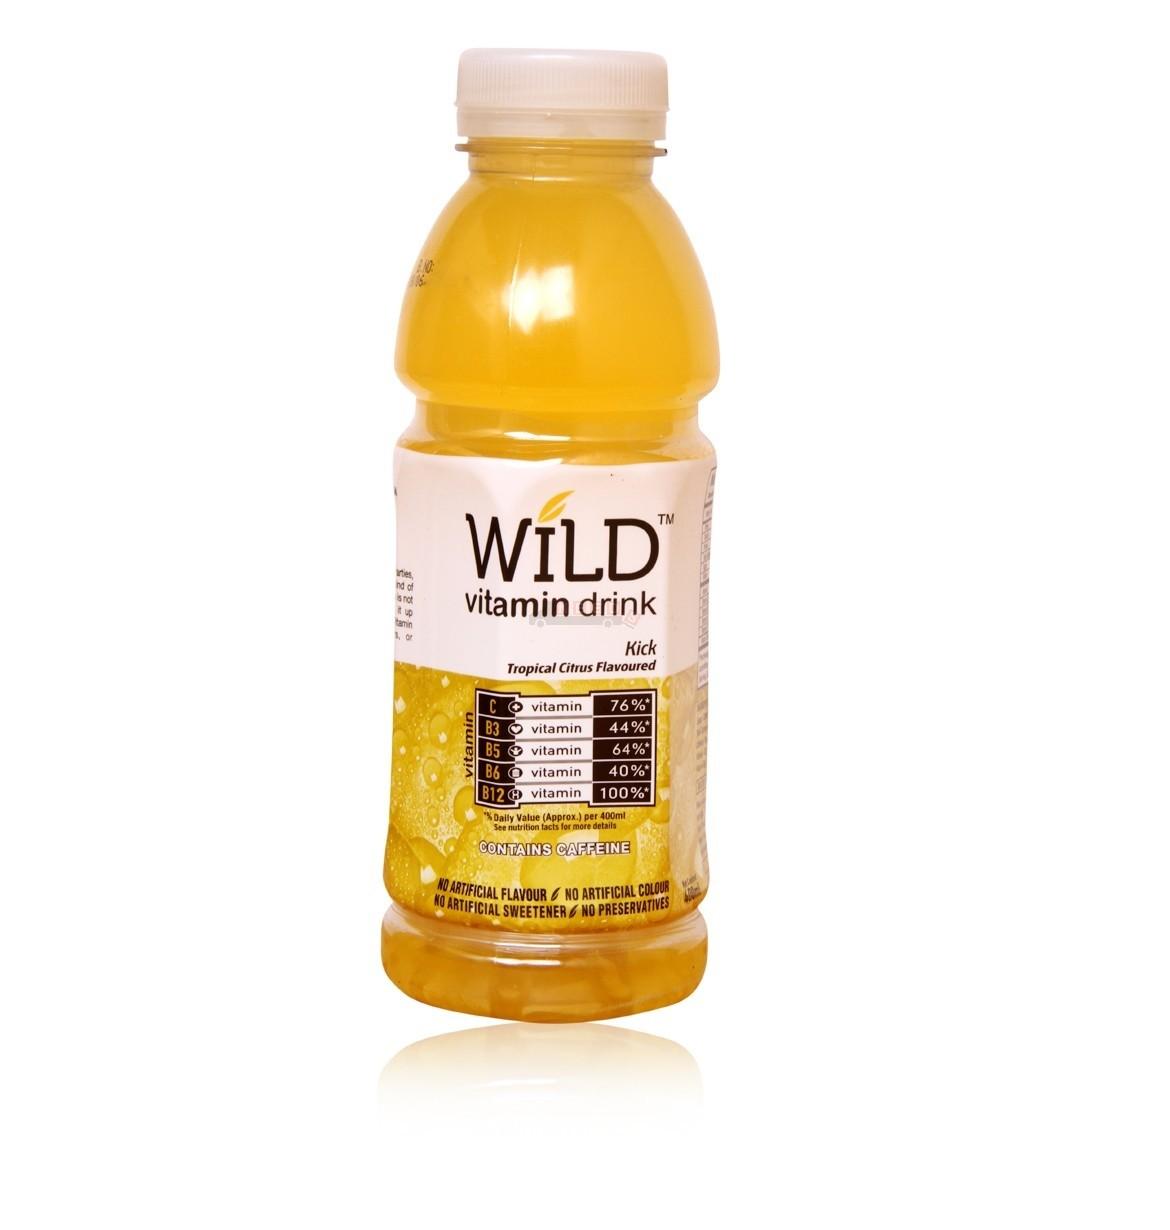 Vitamin Drink (proprietary food)